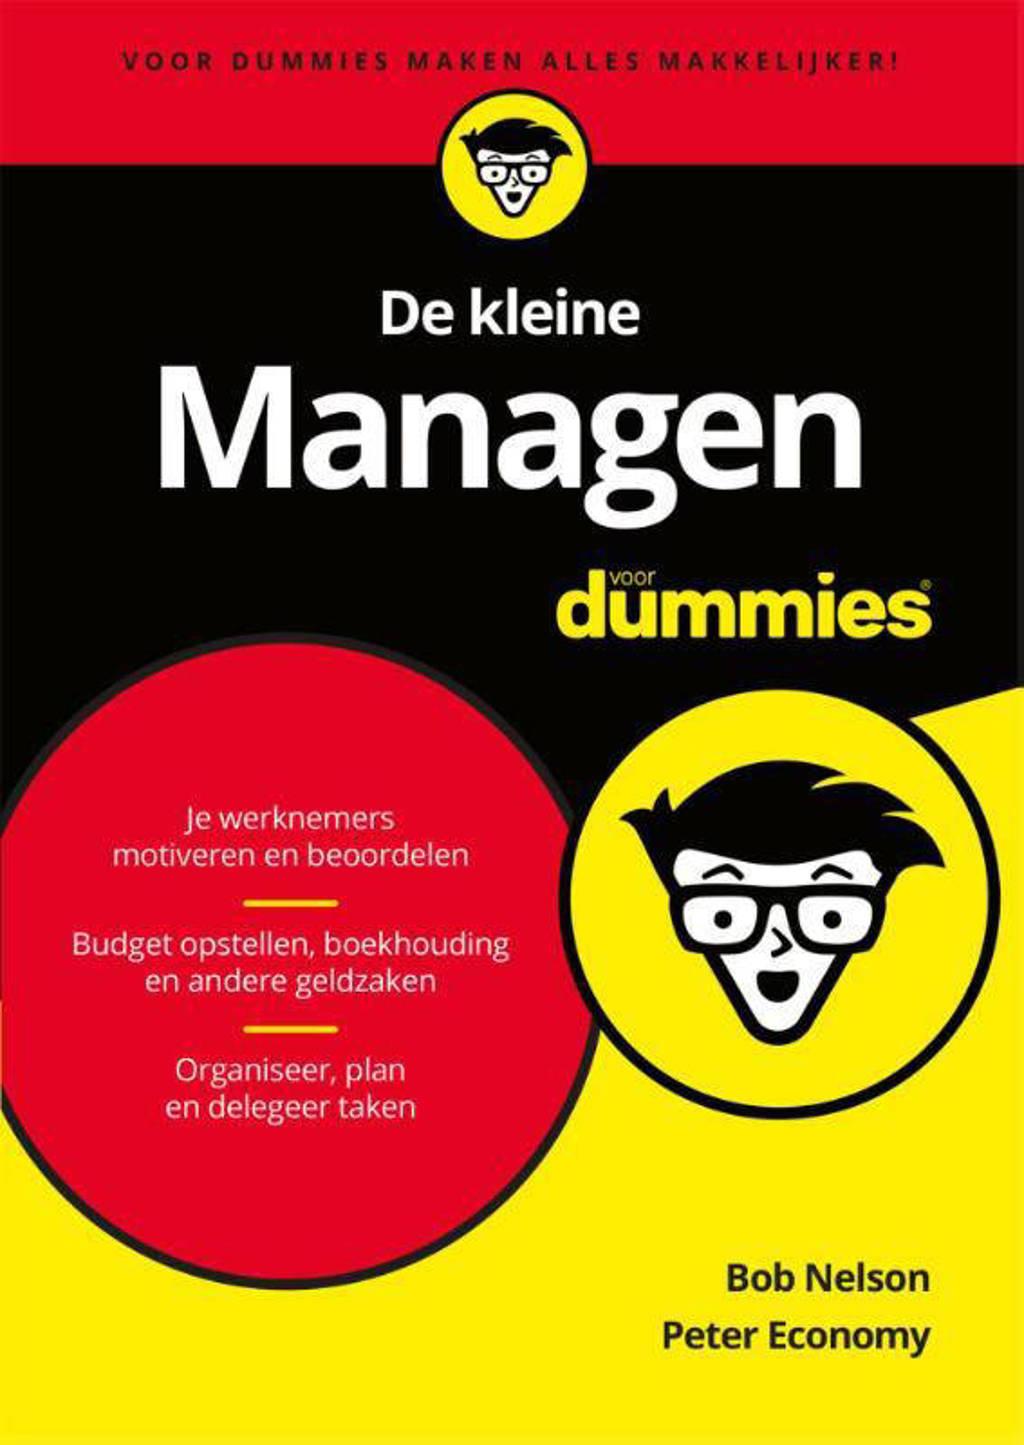 Voor Dummies: De kleine Managen voor Dummies - Bob Nelson en Peter Economy